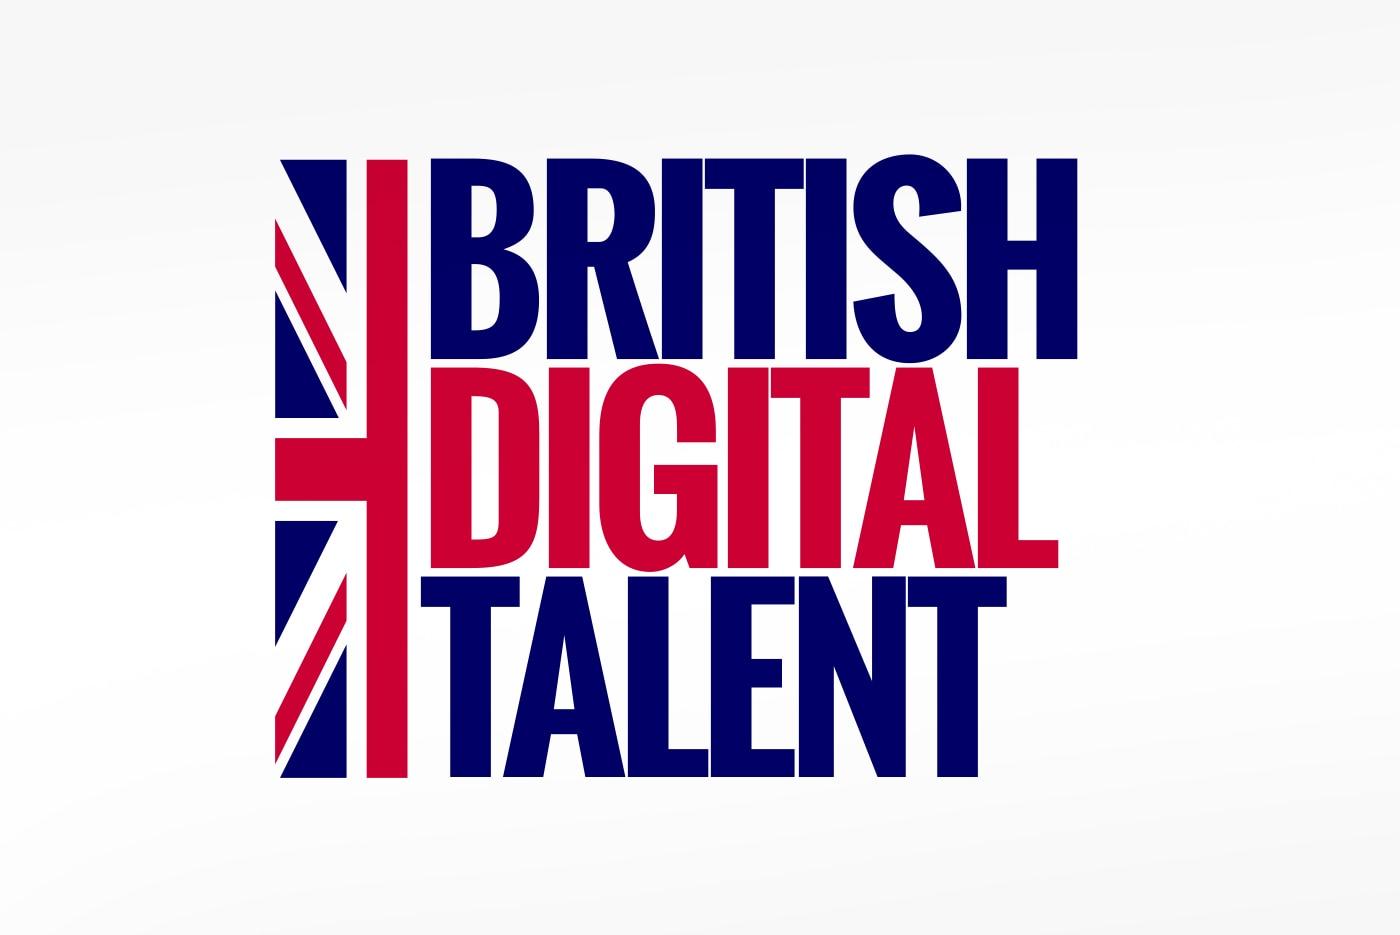 British Digital Talent